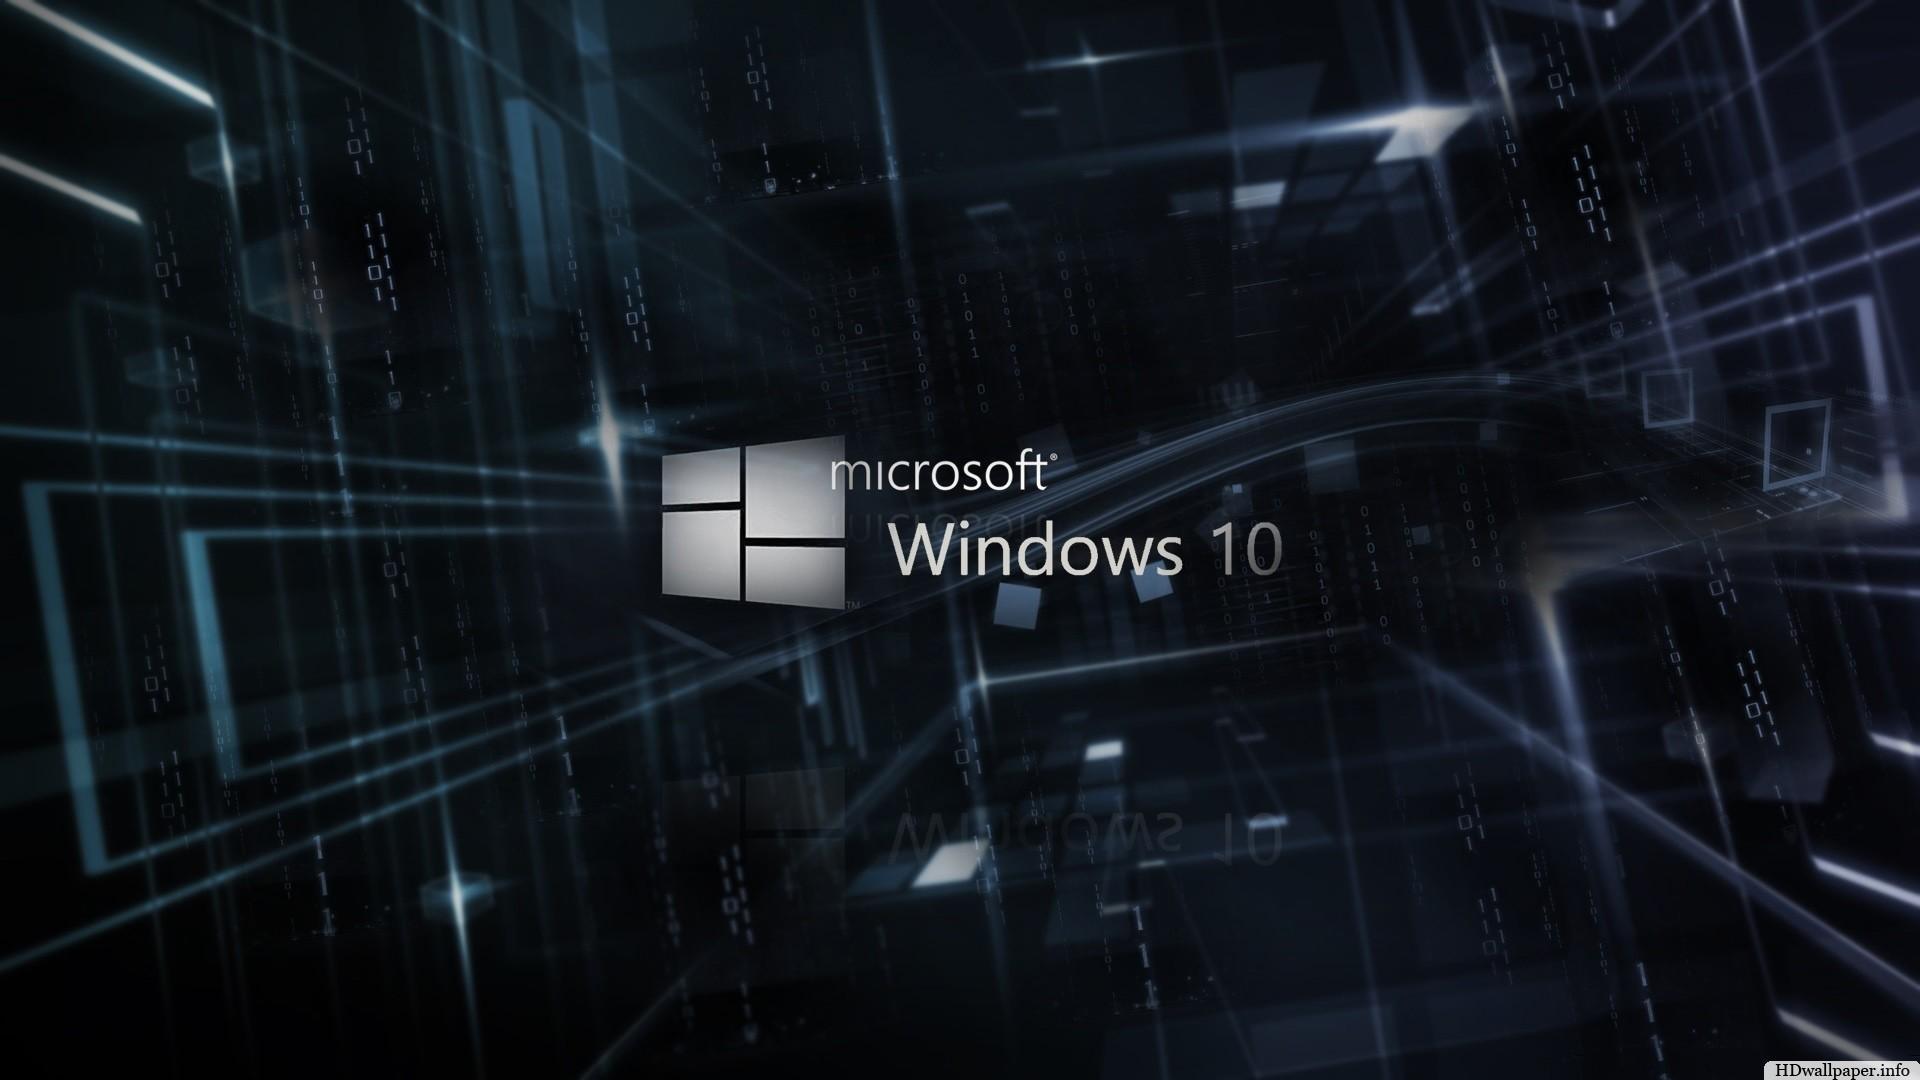 windows 10 wallpaper hd 3d – https://hdwallpaper.info/windows-